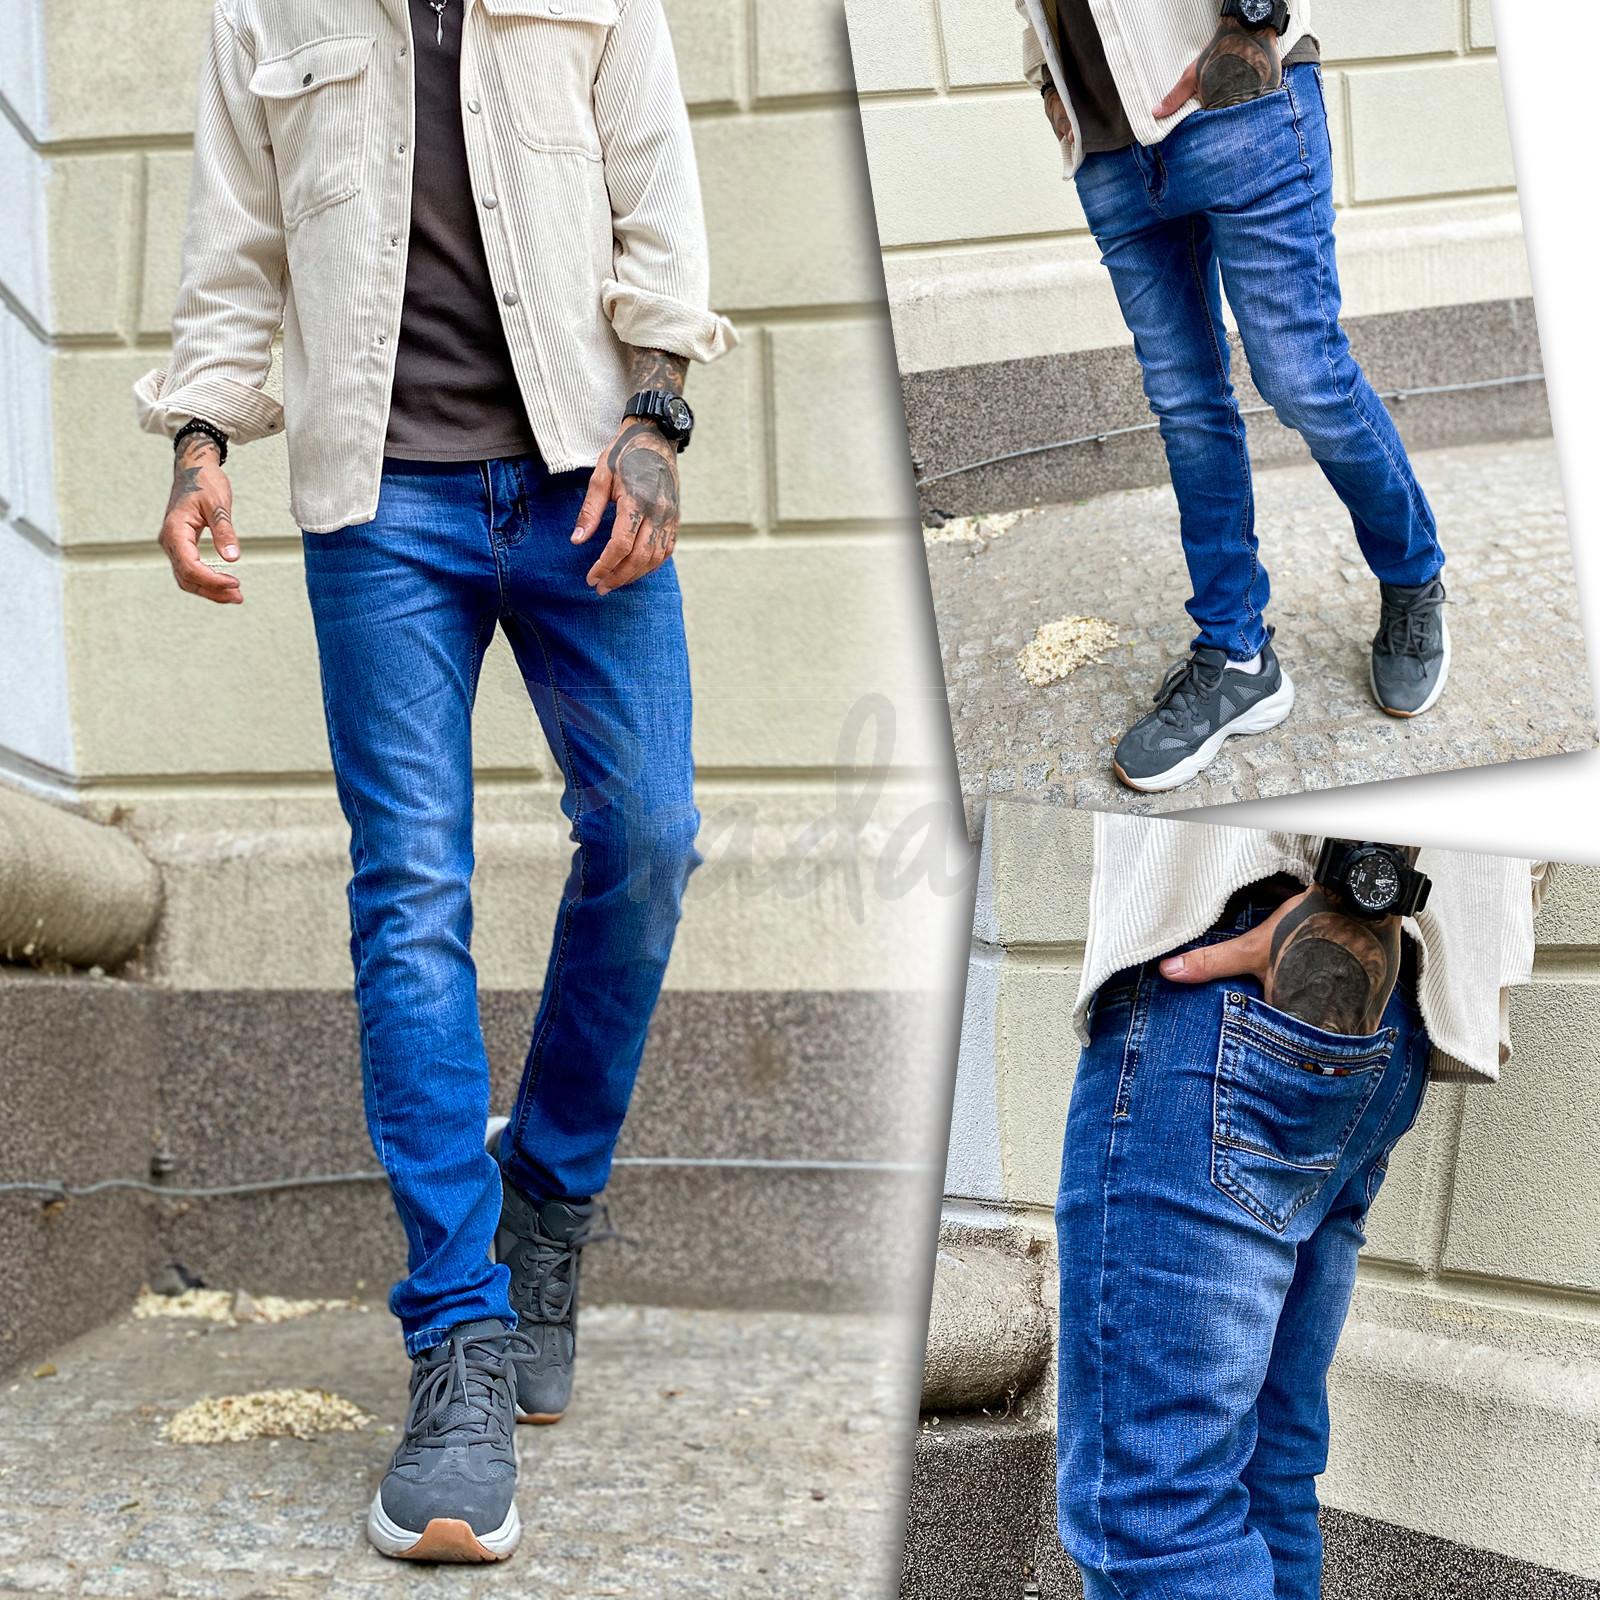 19108 Metod&Ren джинсы мужские молодежные синие весенние стрейчевые (28-36, 8 ед.)